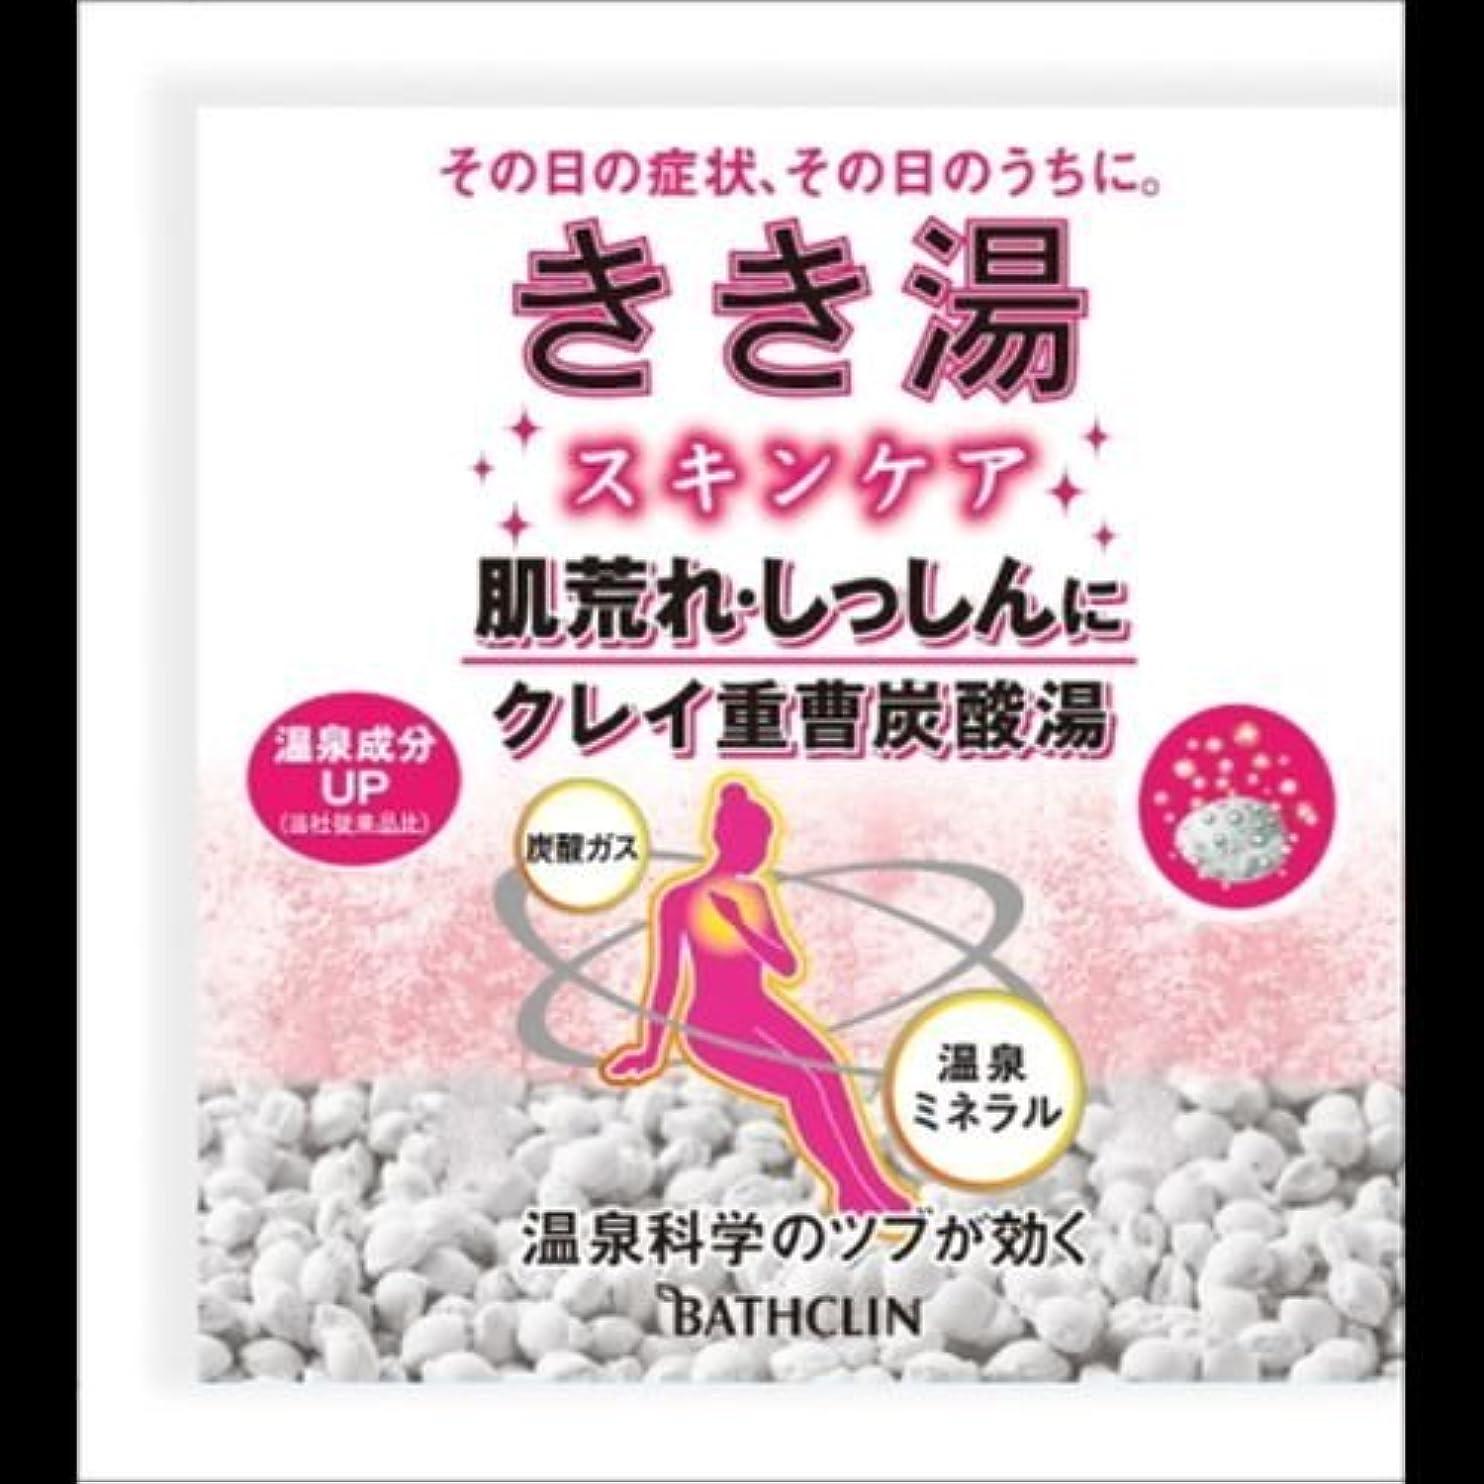 ブームマウスピースオレンジ【まとめ買い】きき湯 クレイ重曹炭酸湯 30g(入浴剤) ×2セット